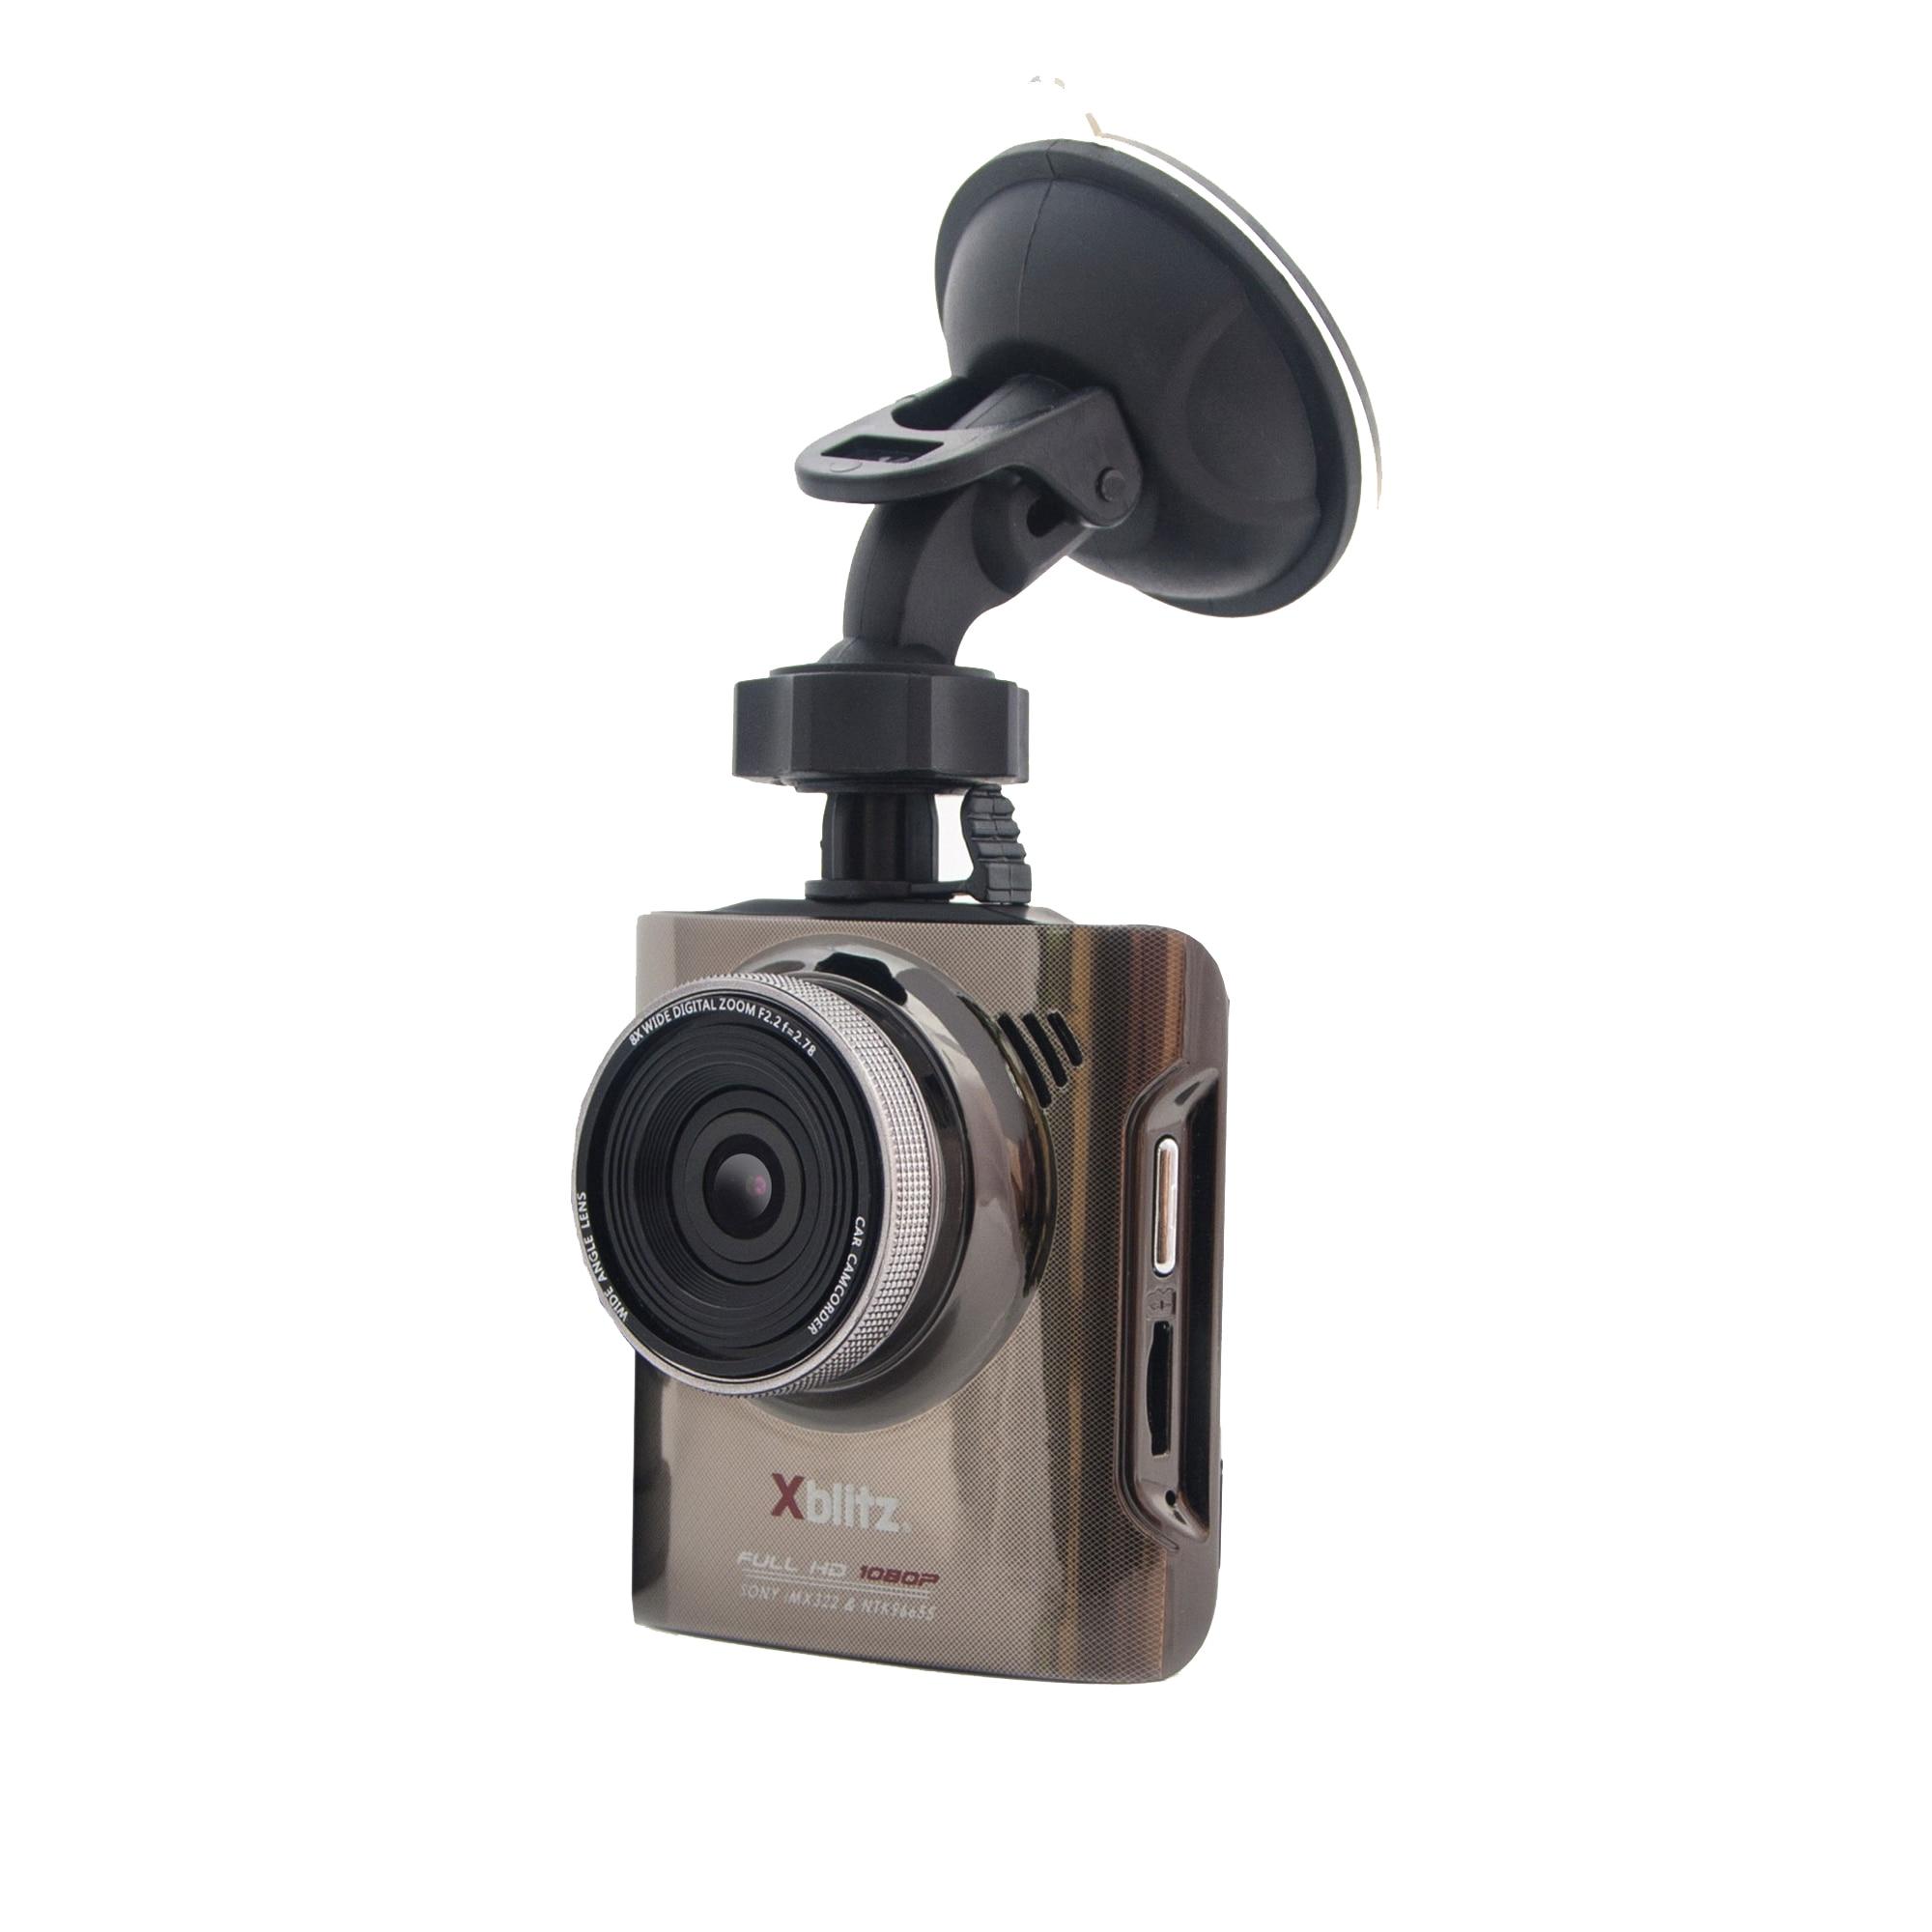 Fotografie Camera auto DVR Xblitz P100, Full HD, unghi de filmare 170 de grade, WDR, senzor G